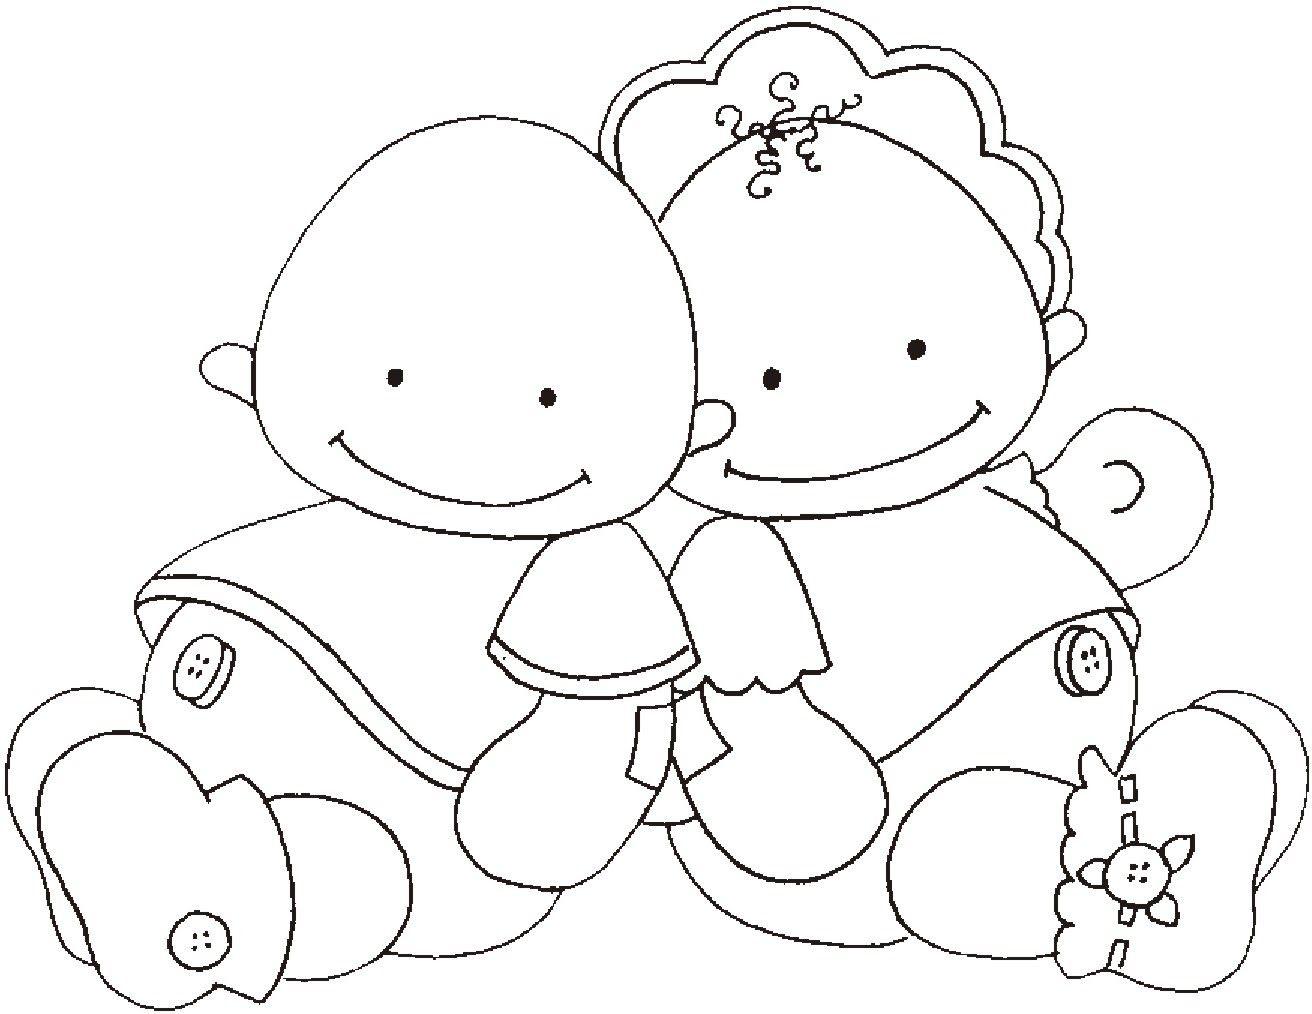 dibujos bebes para colorear - Buscar con Google | Plantillas dibujos ...